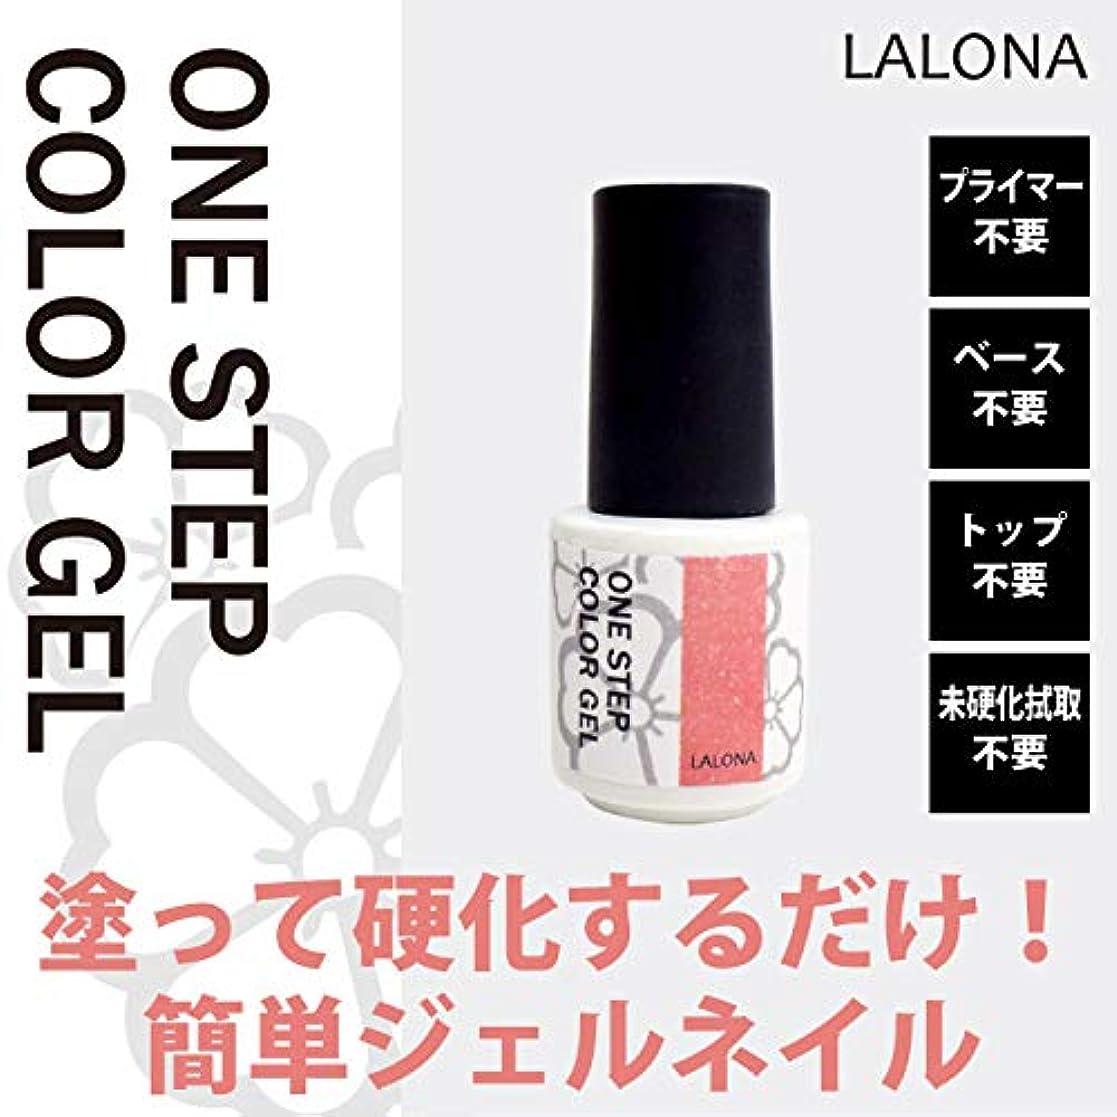 ジェルネイル《塗って硬化させるだけ》LALONA ワンステップカラージェル (5g) (LA019 シャイニーピーチ)